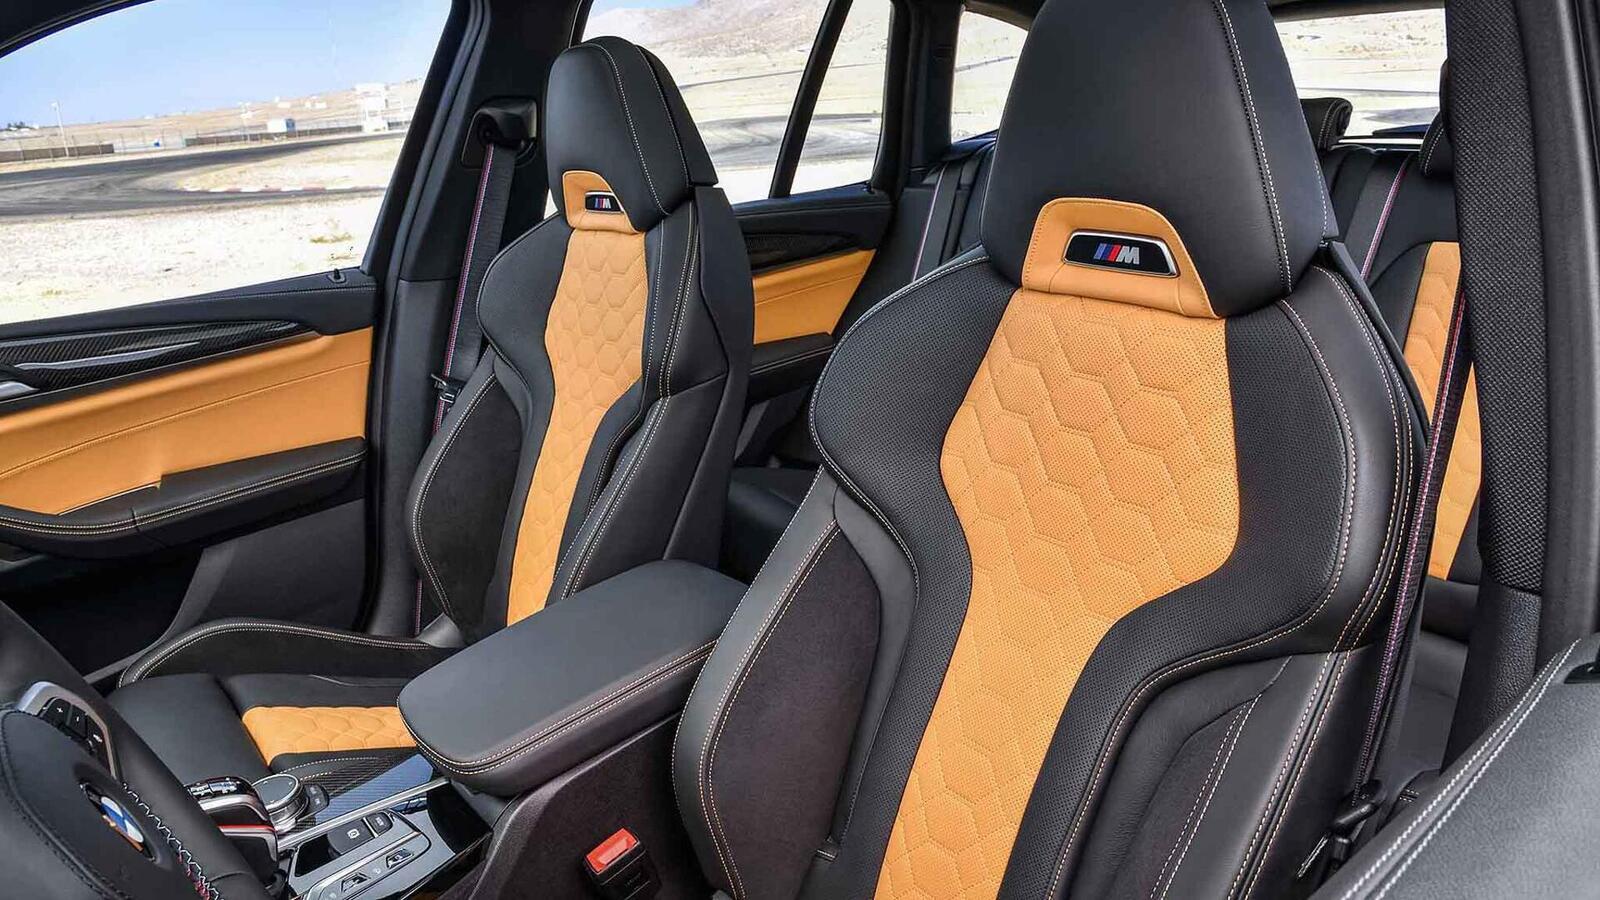 BMW X3 M và X4 M 2020 chính thức ra mắt: Mang trong mình sức mạnh từ 473 - 503 mã lực - Hình 11